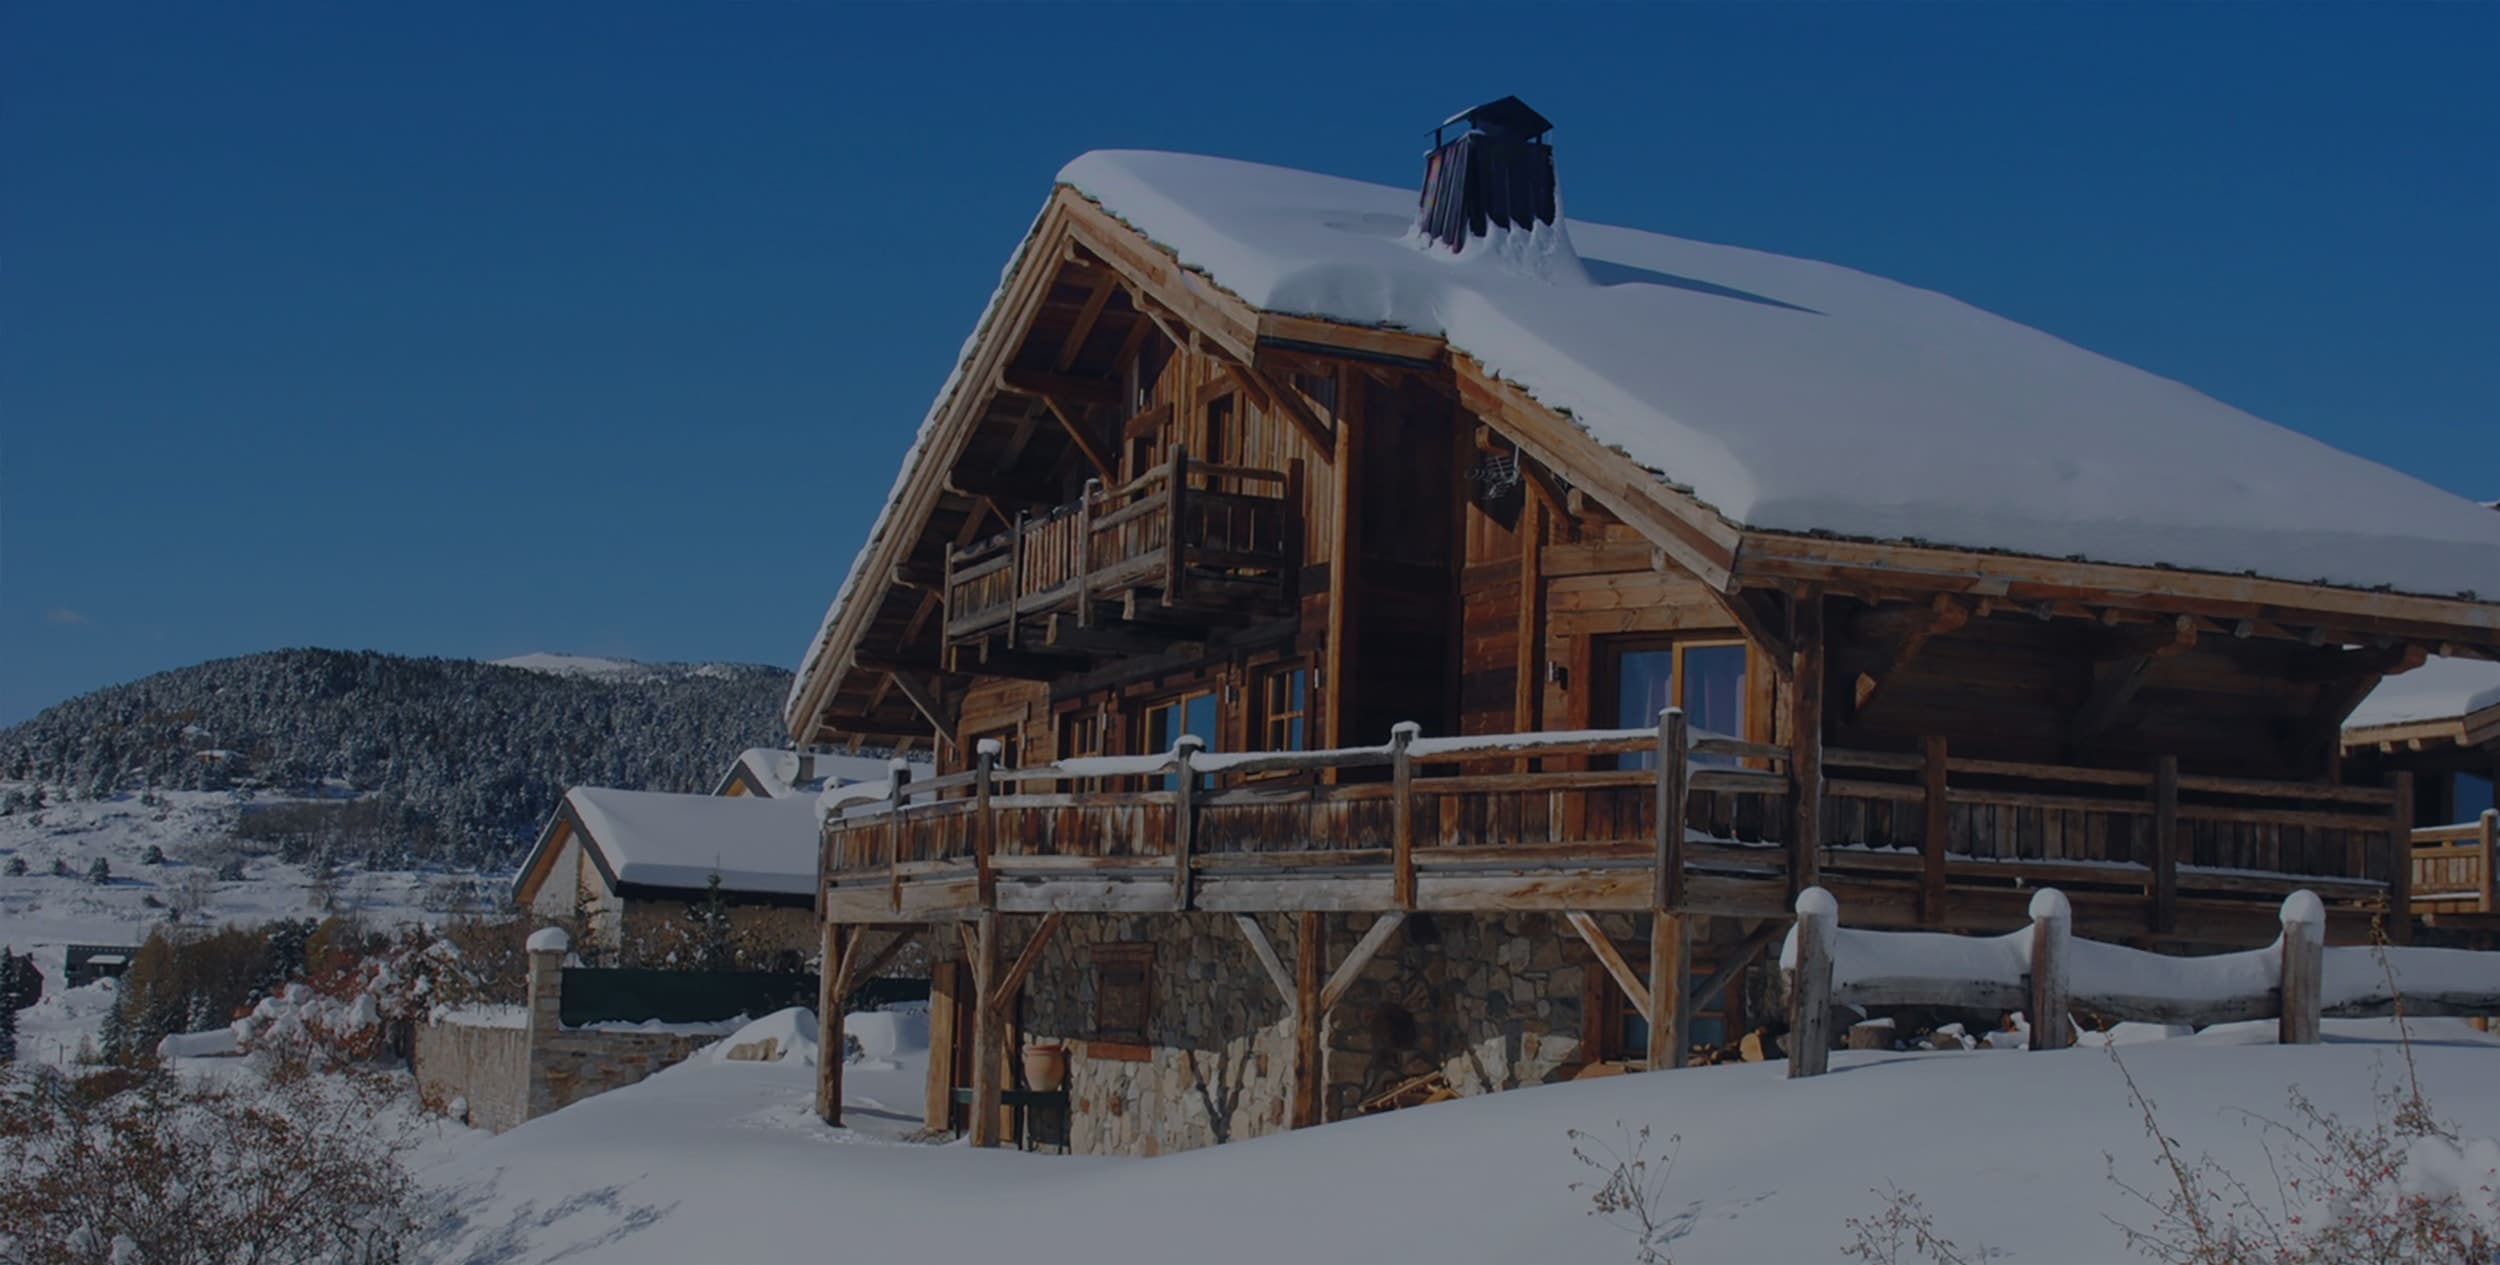 Séjours dans le Sud de la France. Location de chalets, tout confort, à la montagne proche des stations de ski de Font Romeu, pyrénées 2000 dans les Pyrénées Orientales